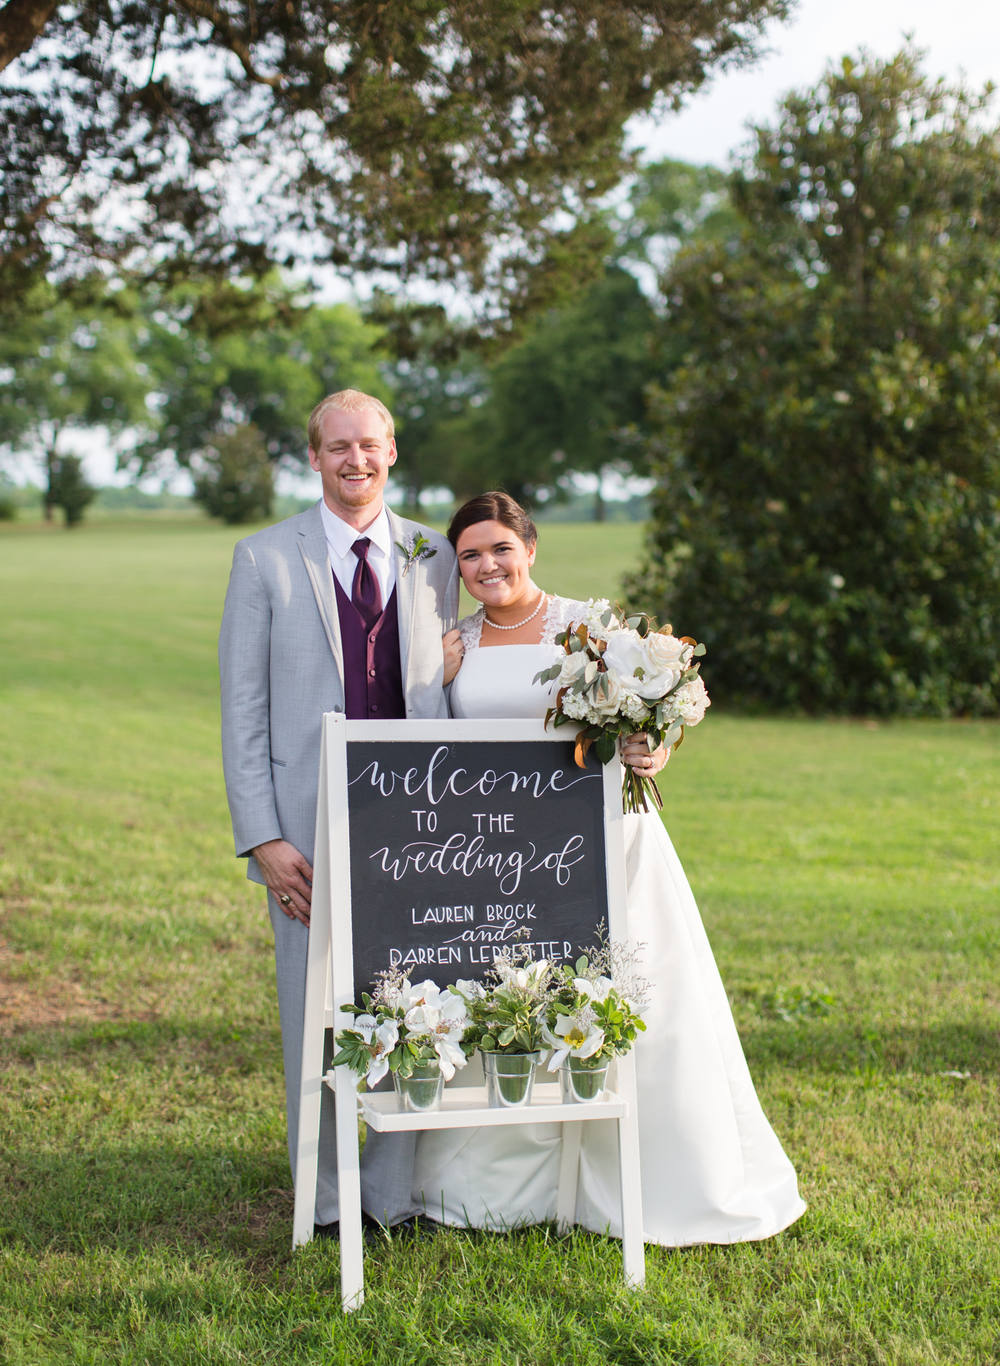 Lauren + Darren Ledbetter Wedding_DP_2016-4309.jpg